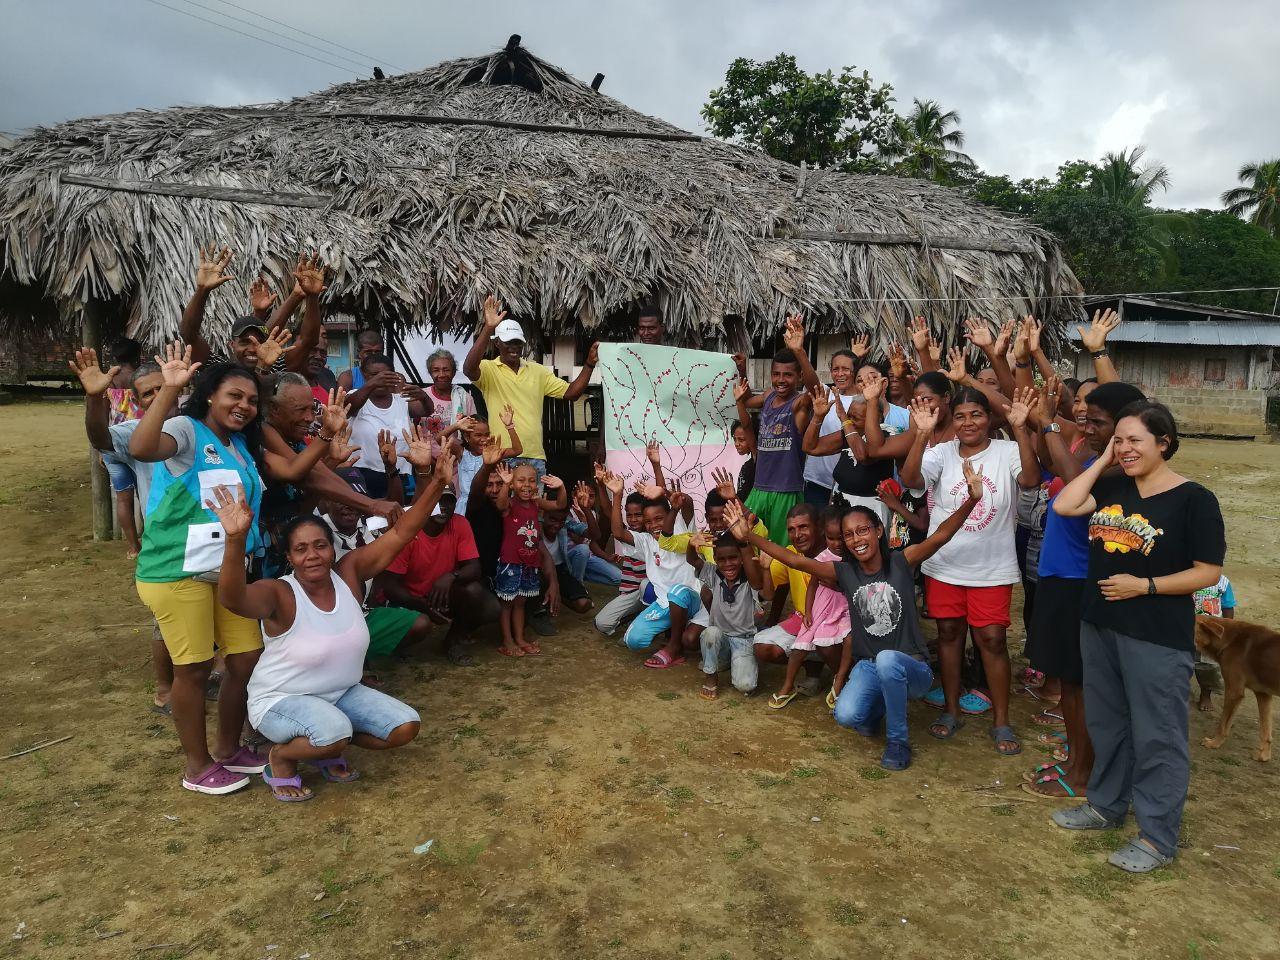 Colombia: Cursos para jóvenes en situación de riesgo